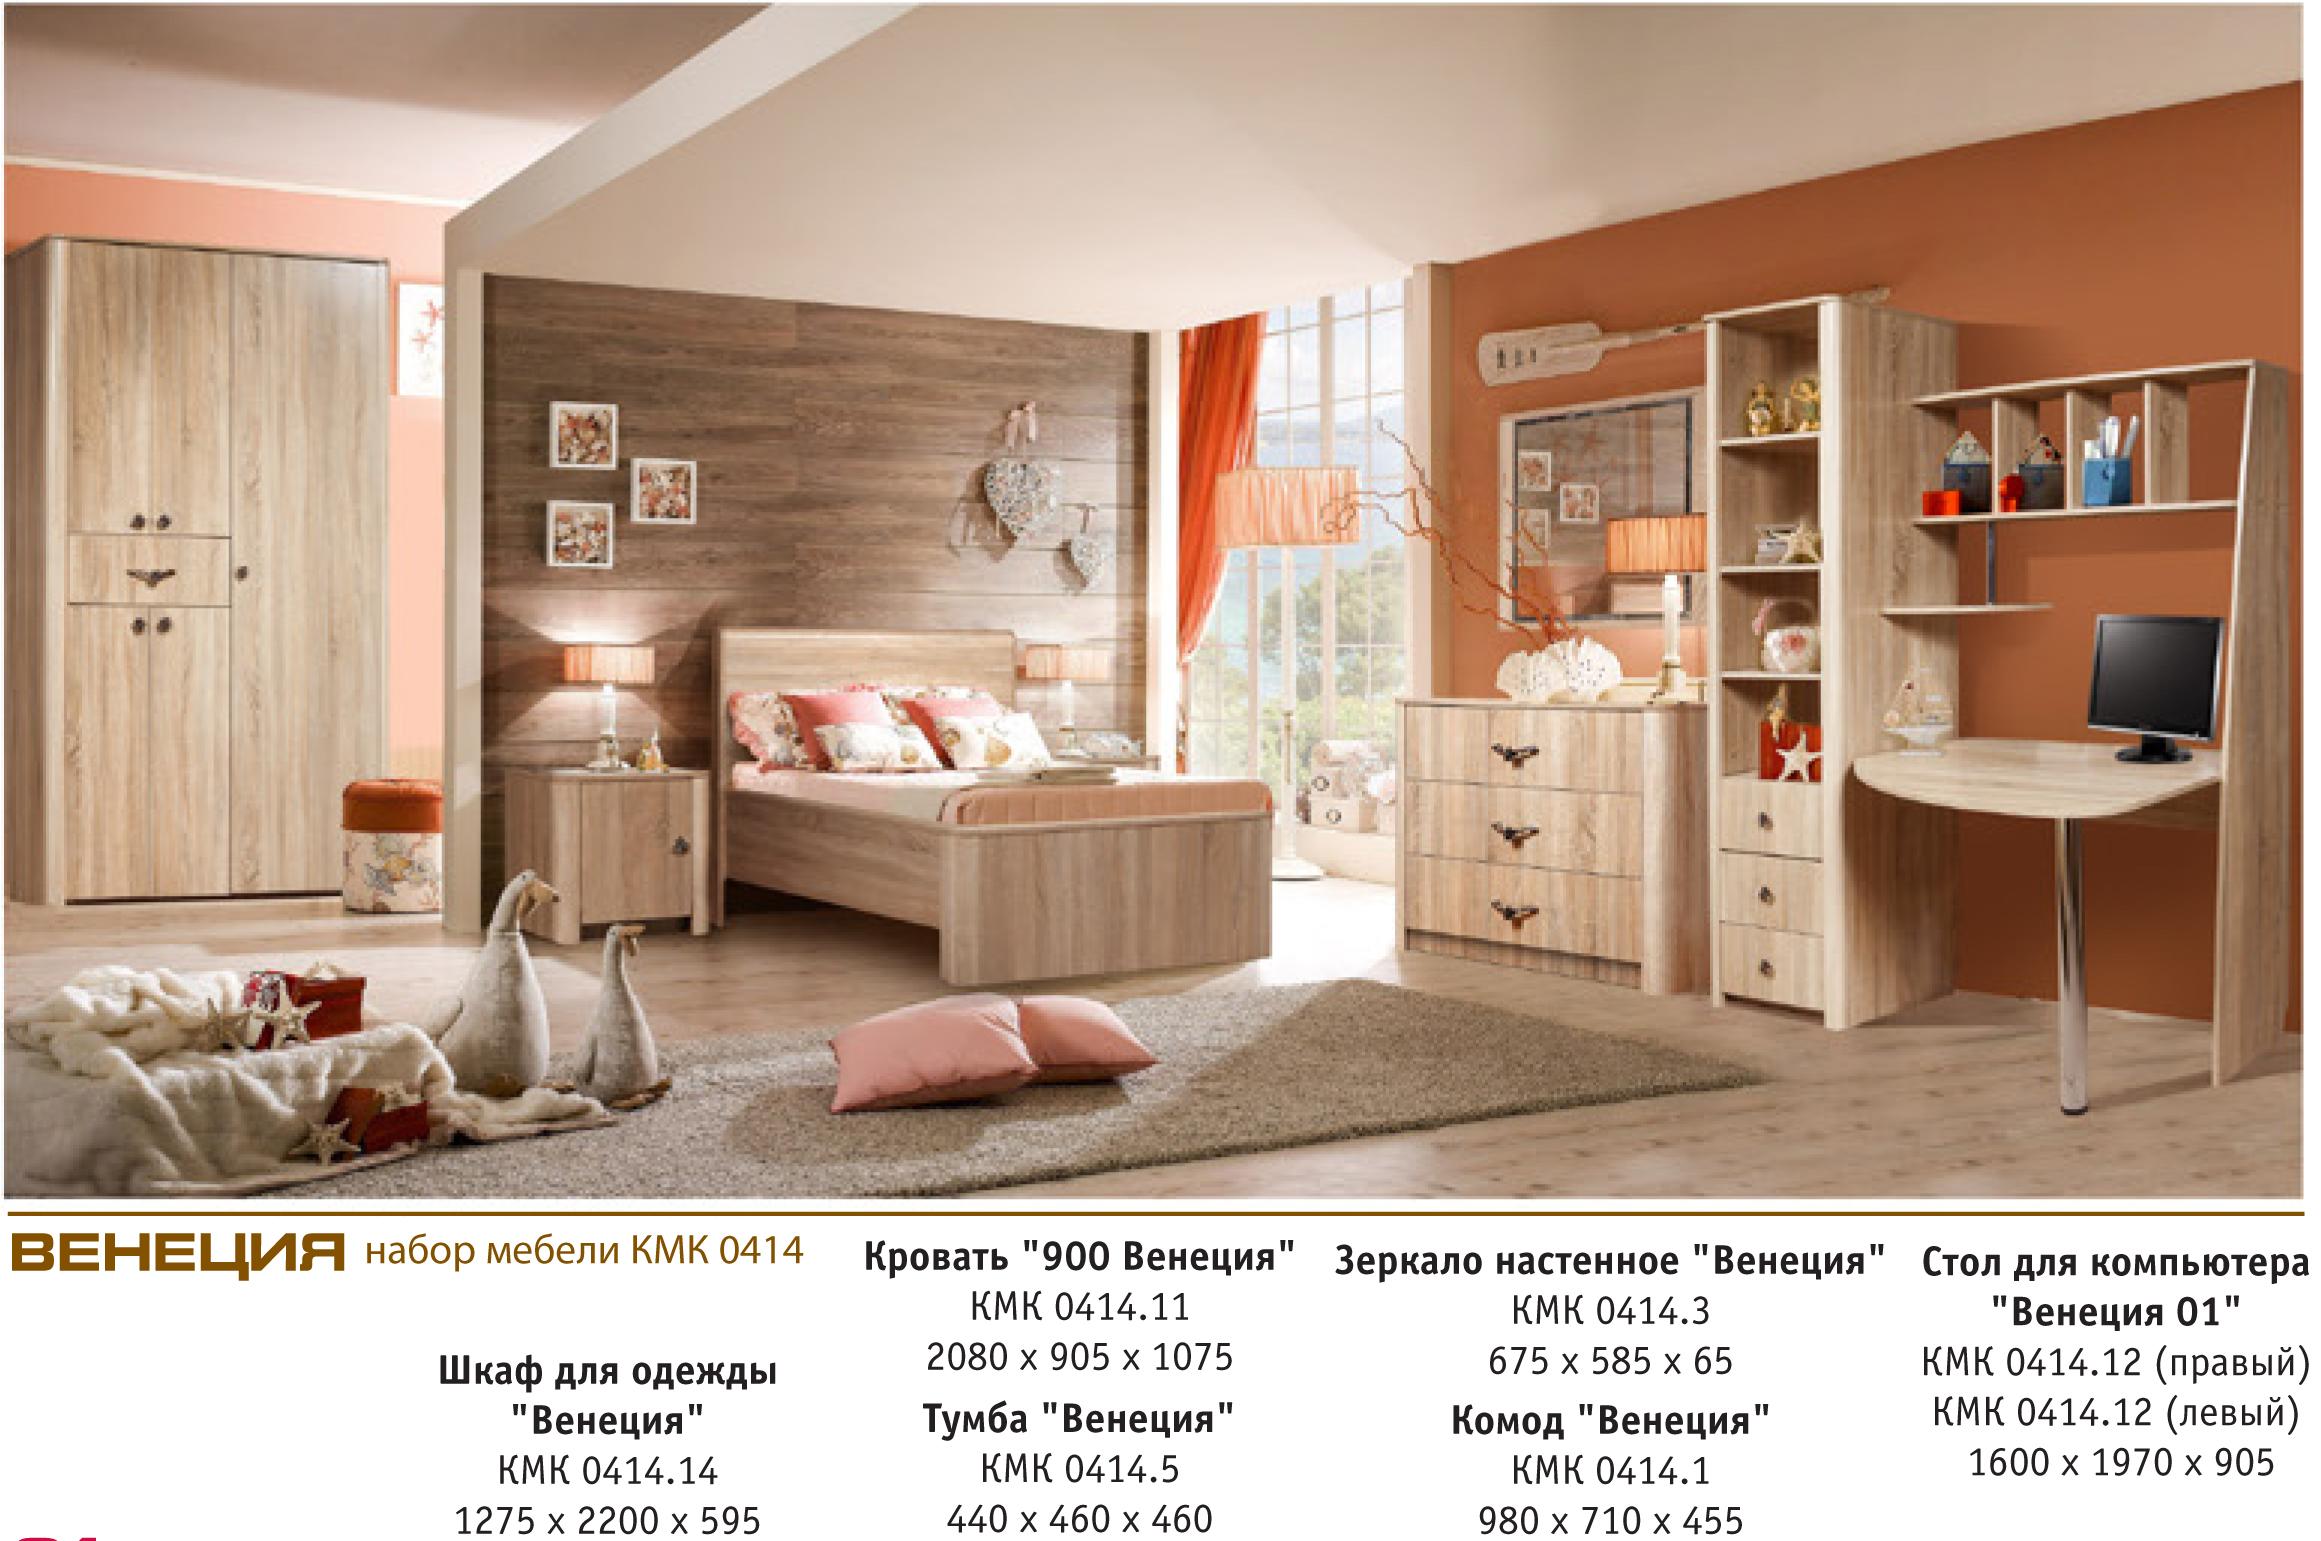 Сбор заказов. Мебель от эконом до премиум класса. Для гостиной, спальни, столовой, детской, прихожей, кухни. Матрасы с различными современными наполнителями. От производителя - 9